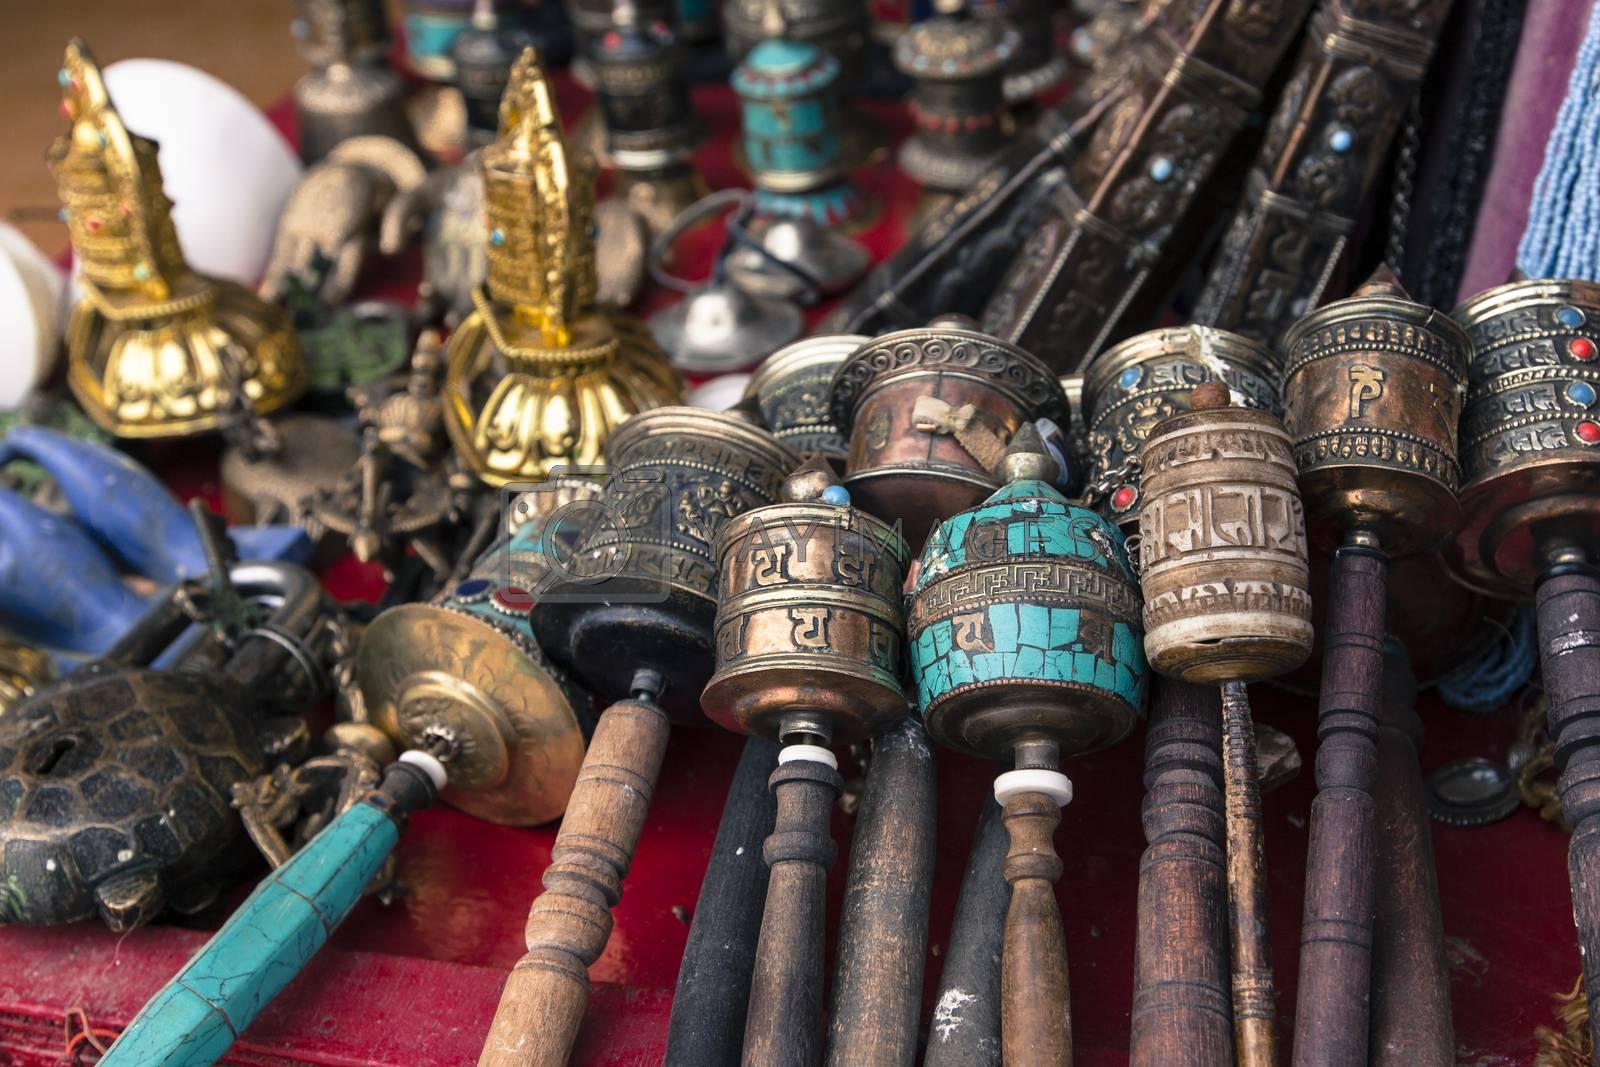 Traditional tibetan praying wheels in Nepal.